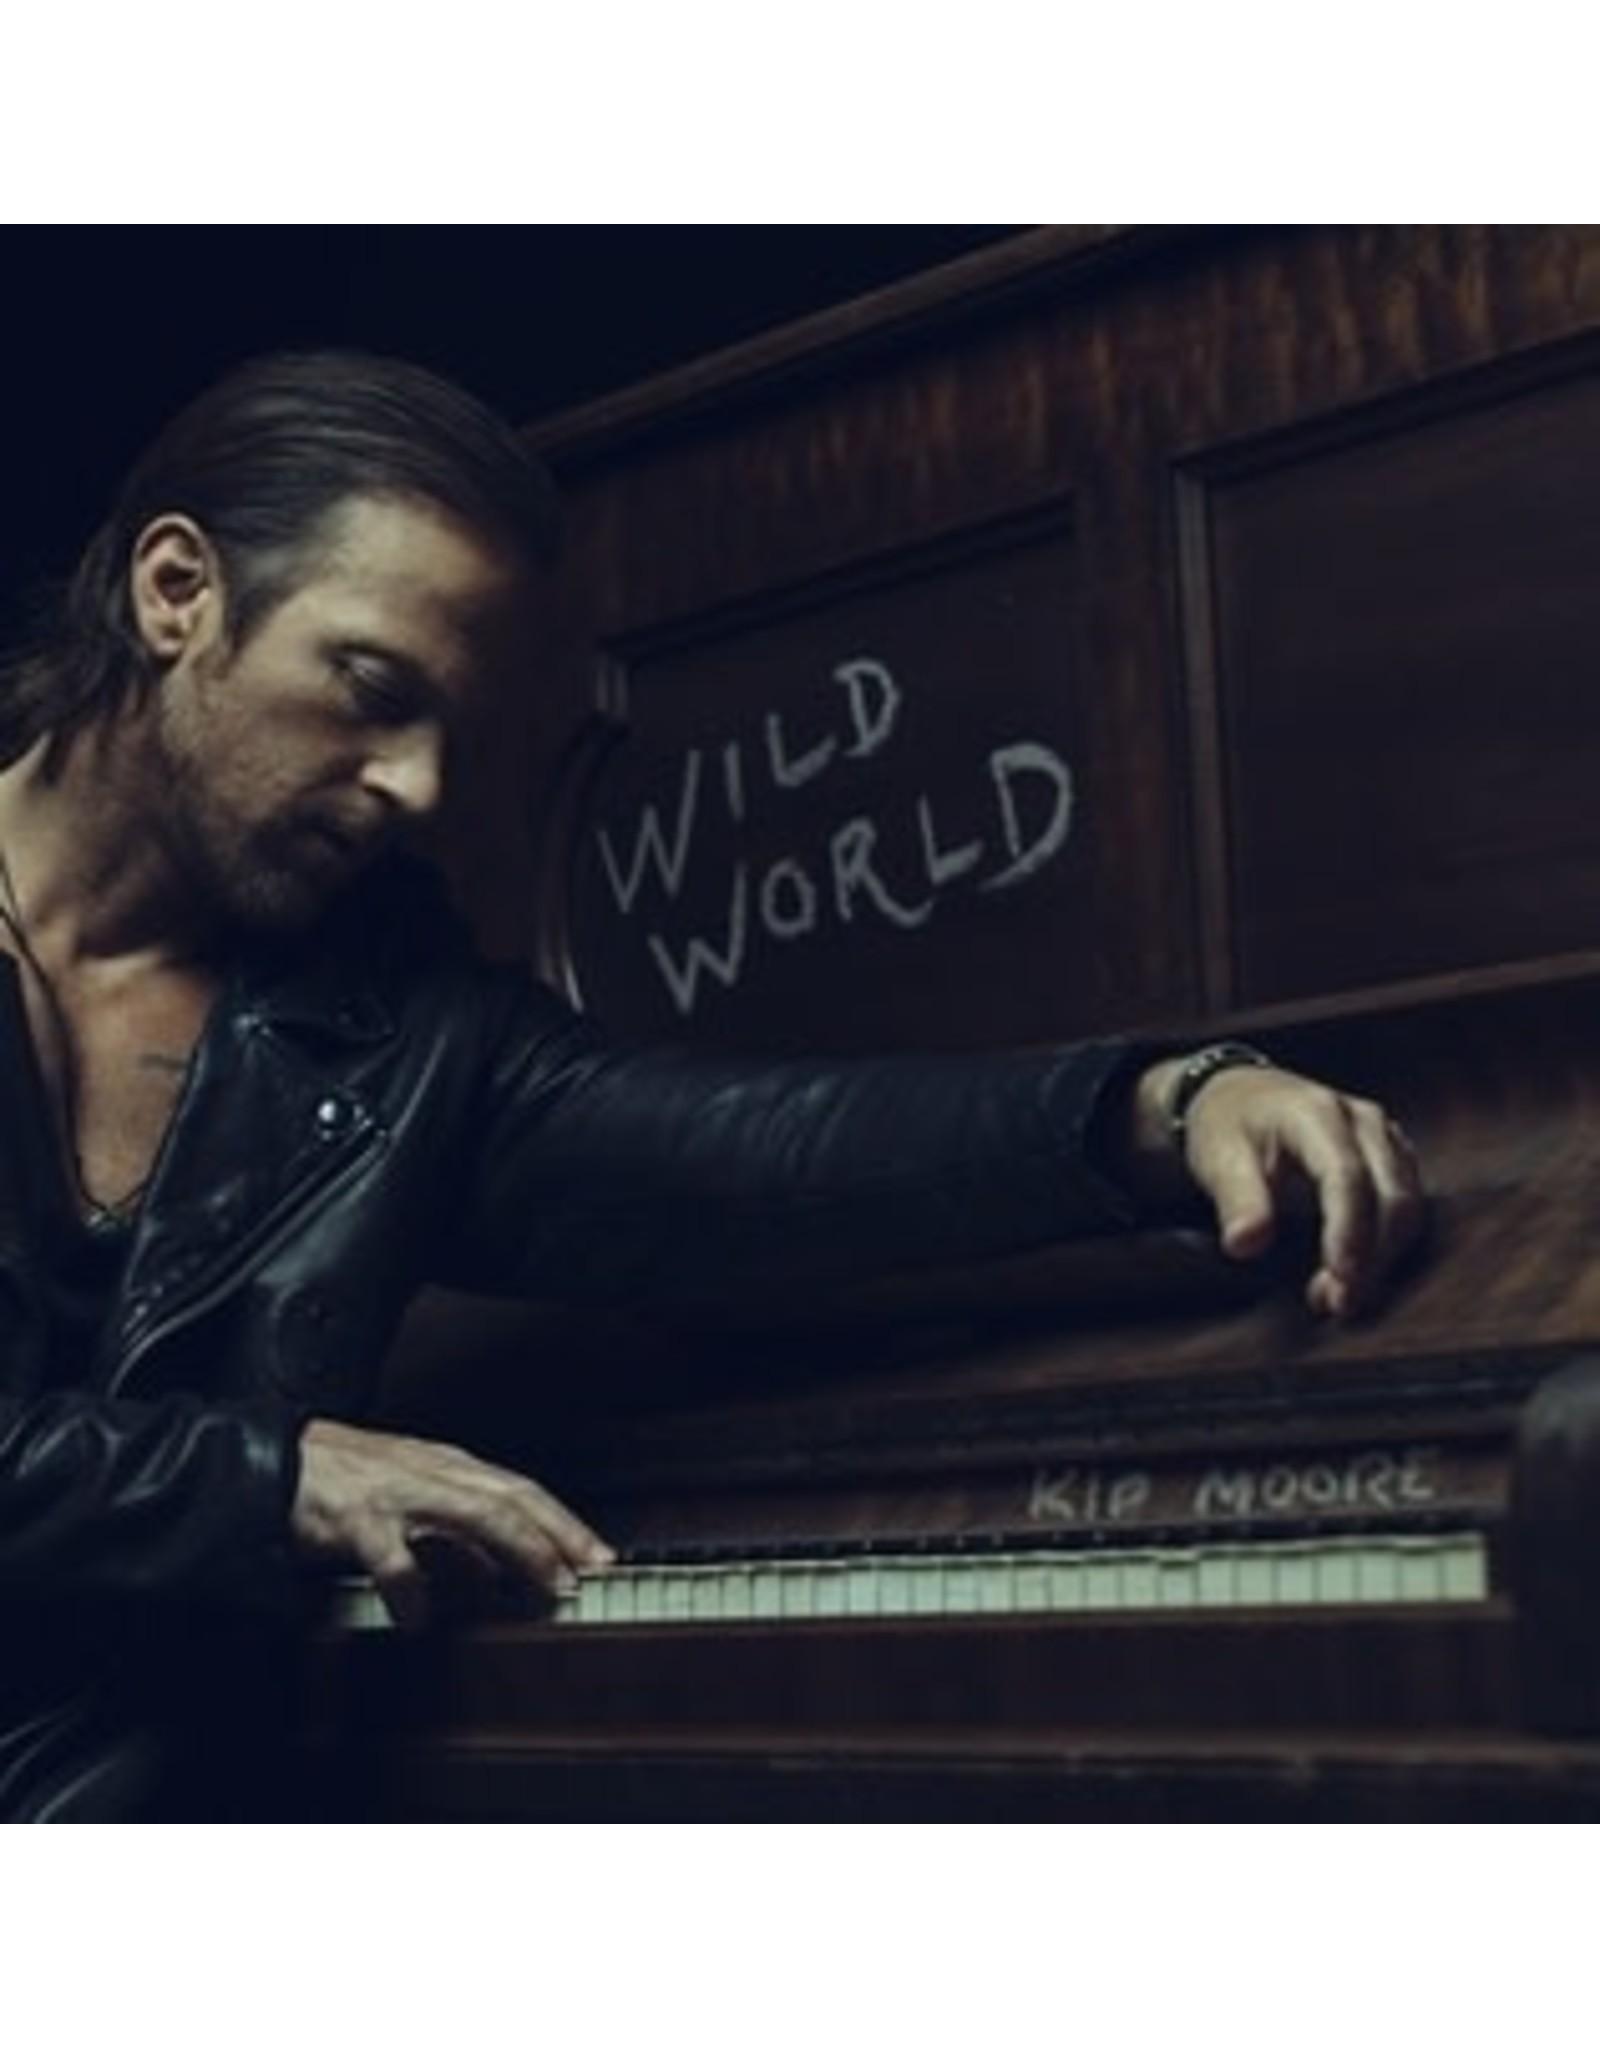 Moore, Kip - Wild World 2LP